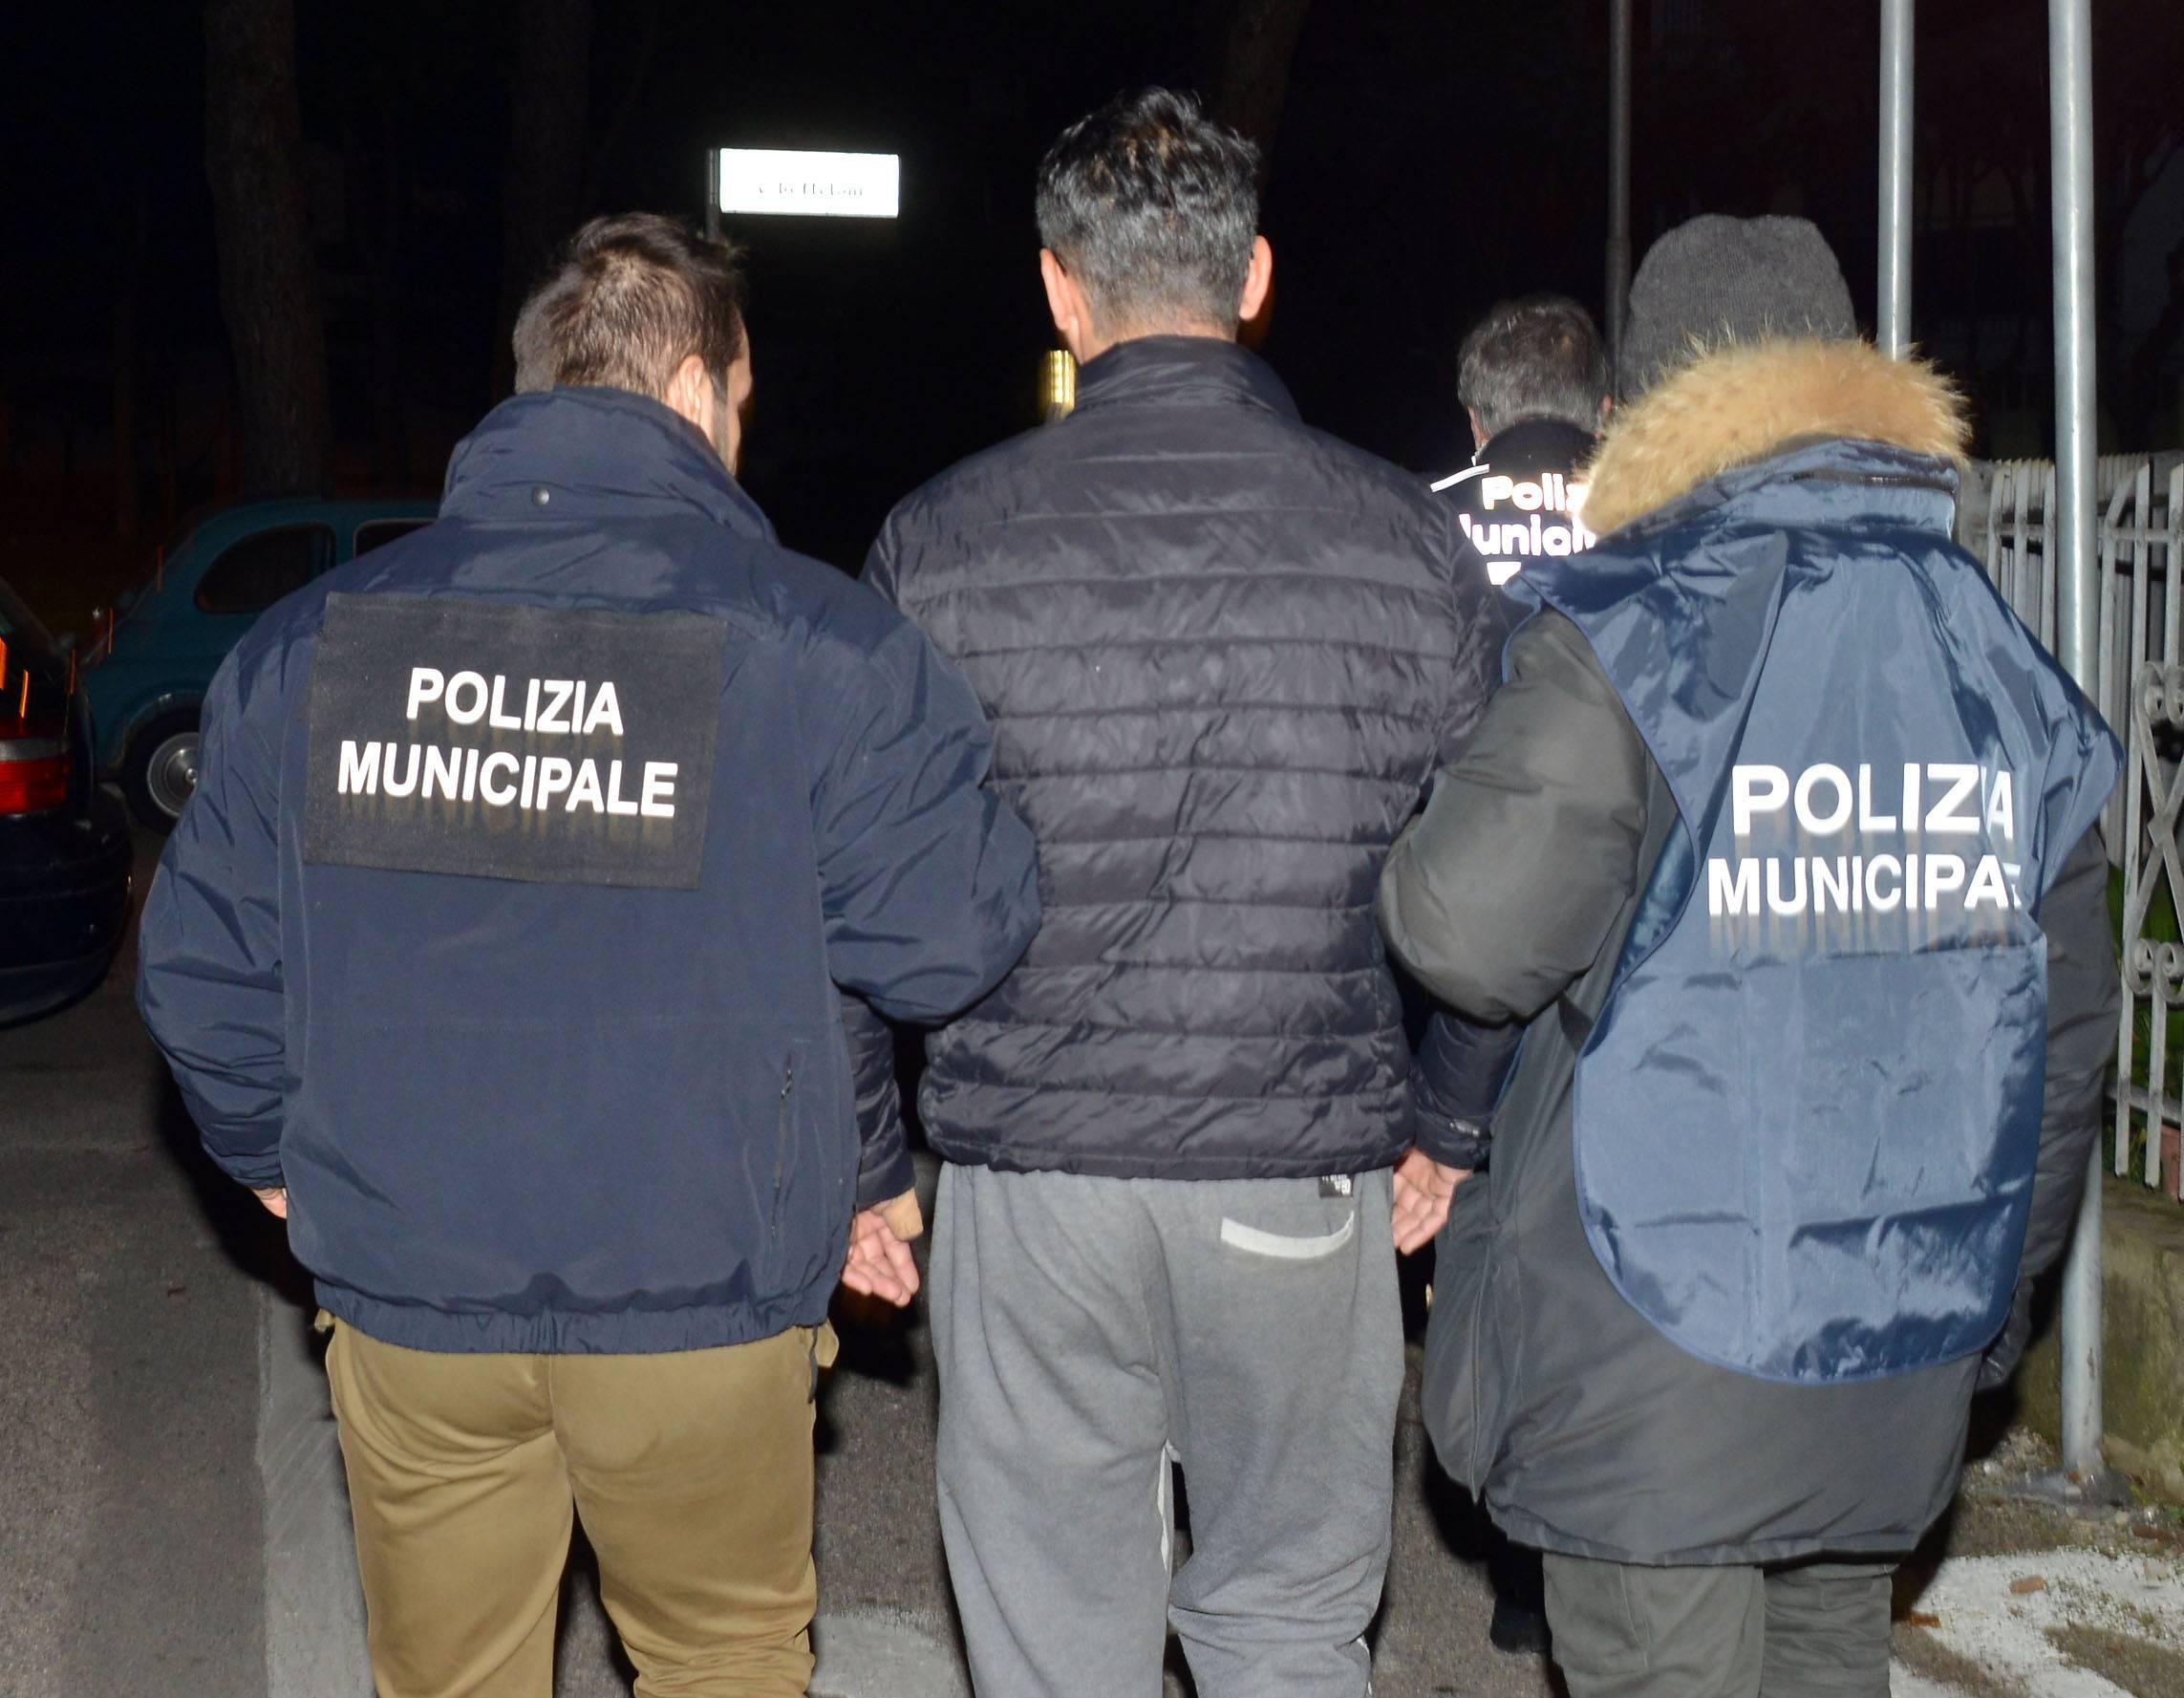 Operazione antidroga della Polizia Municipale: ingenti sequestri